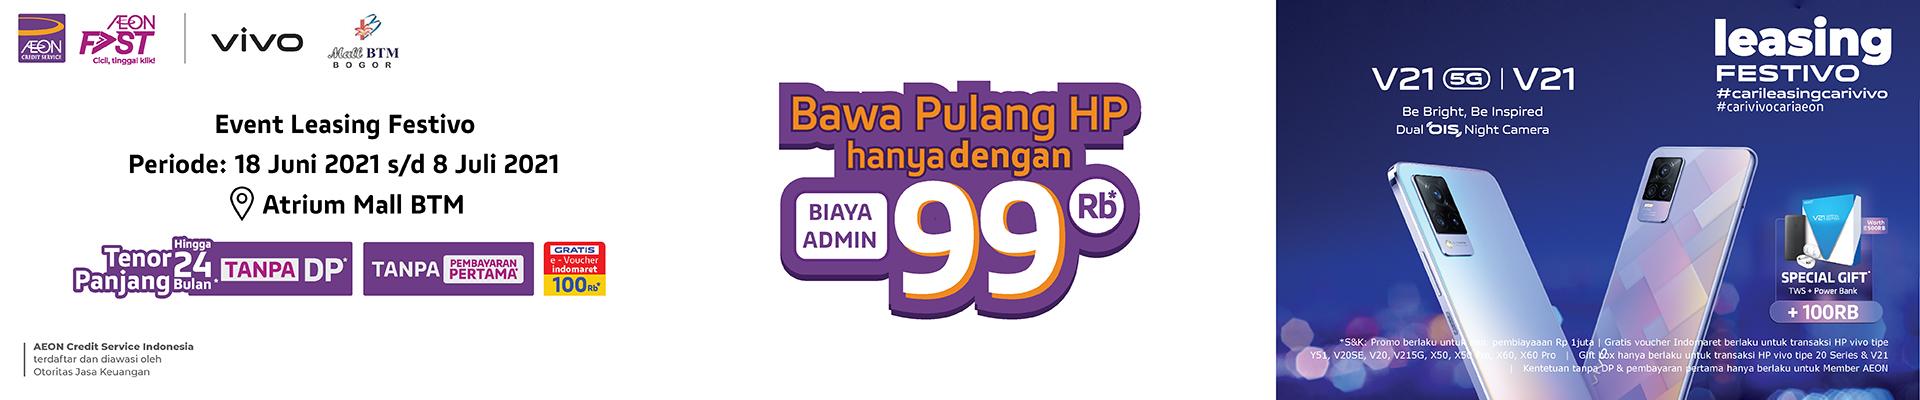 Kunjungi Leasing Festivo Mall BTM Bogor & Bawa Pulang HP VIVO hanya dengan Biaya Admin Rp99RB